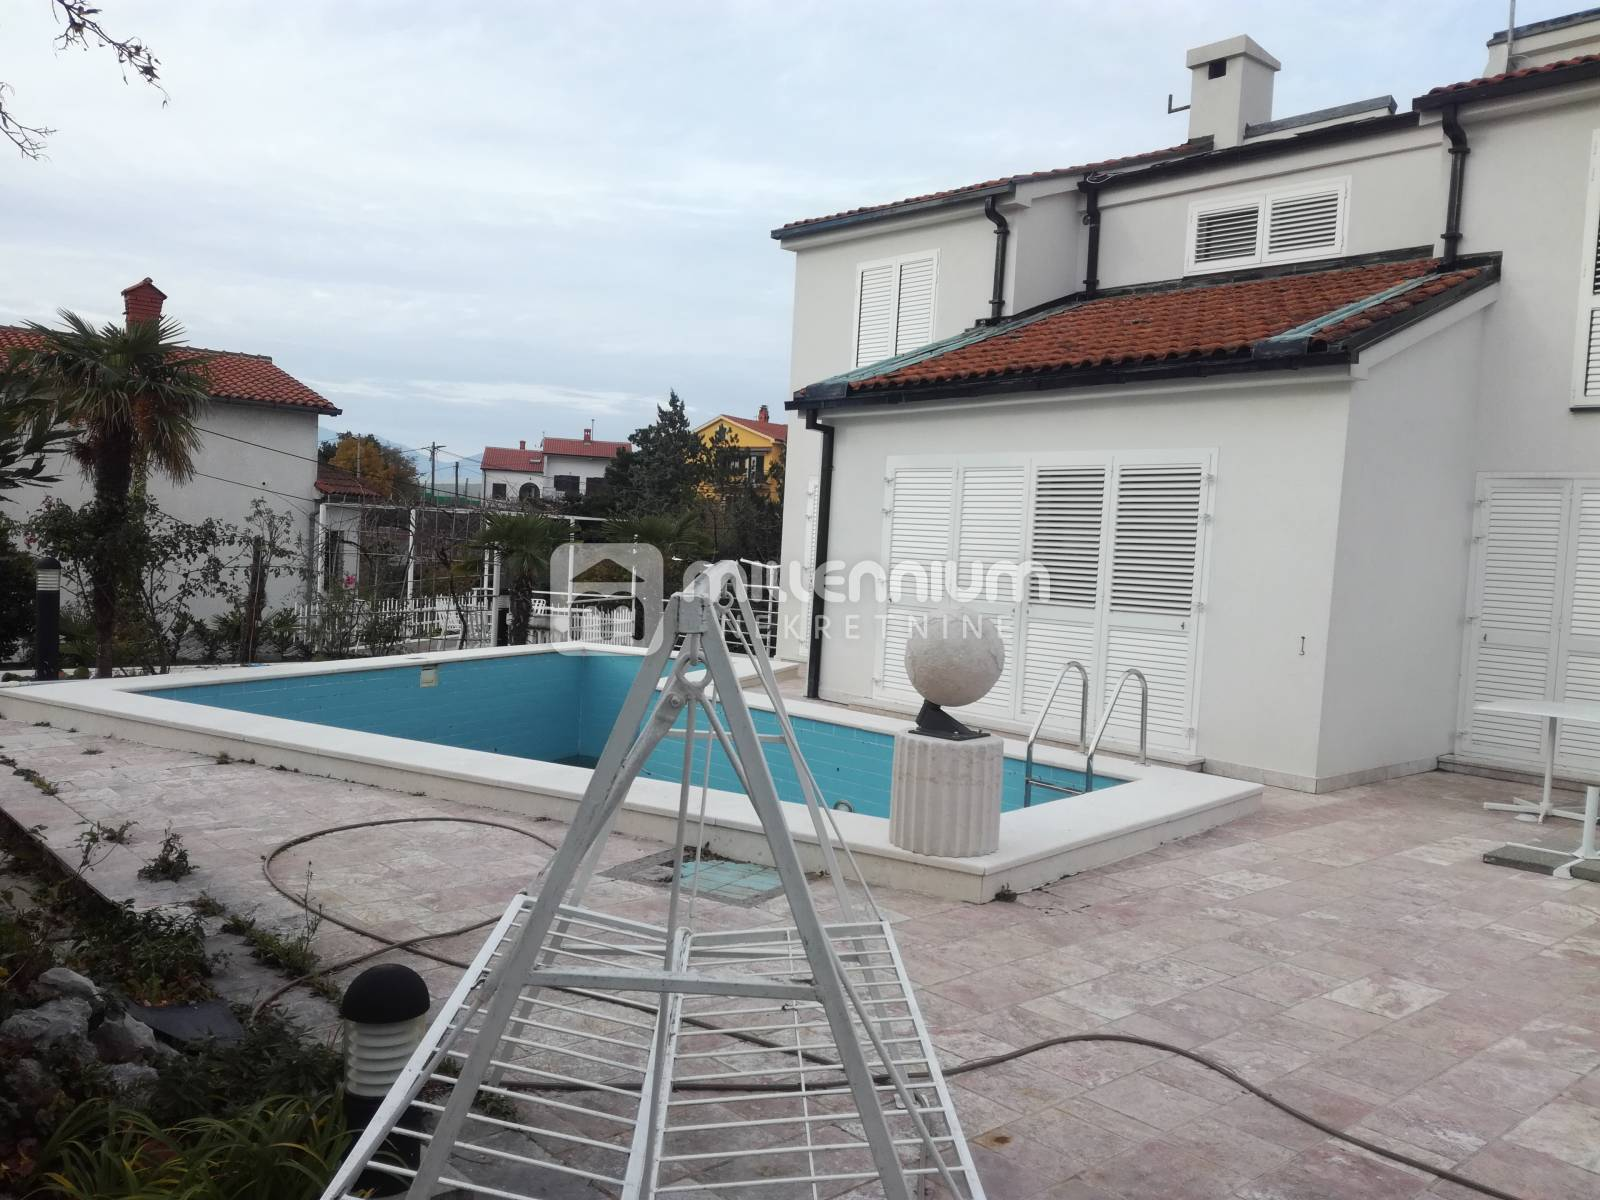 Marinići, kuća s 4 stana, bazenom i velikom okućnicom